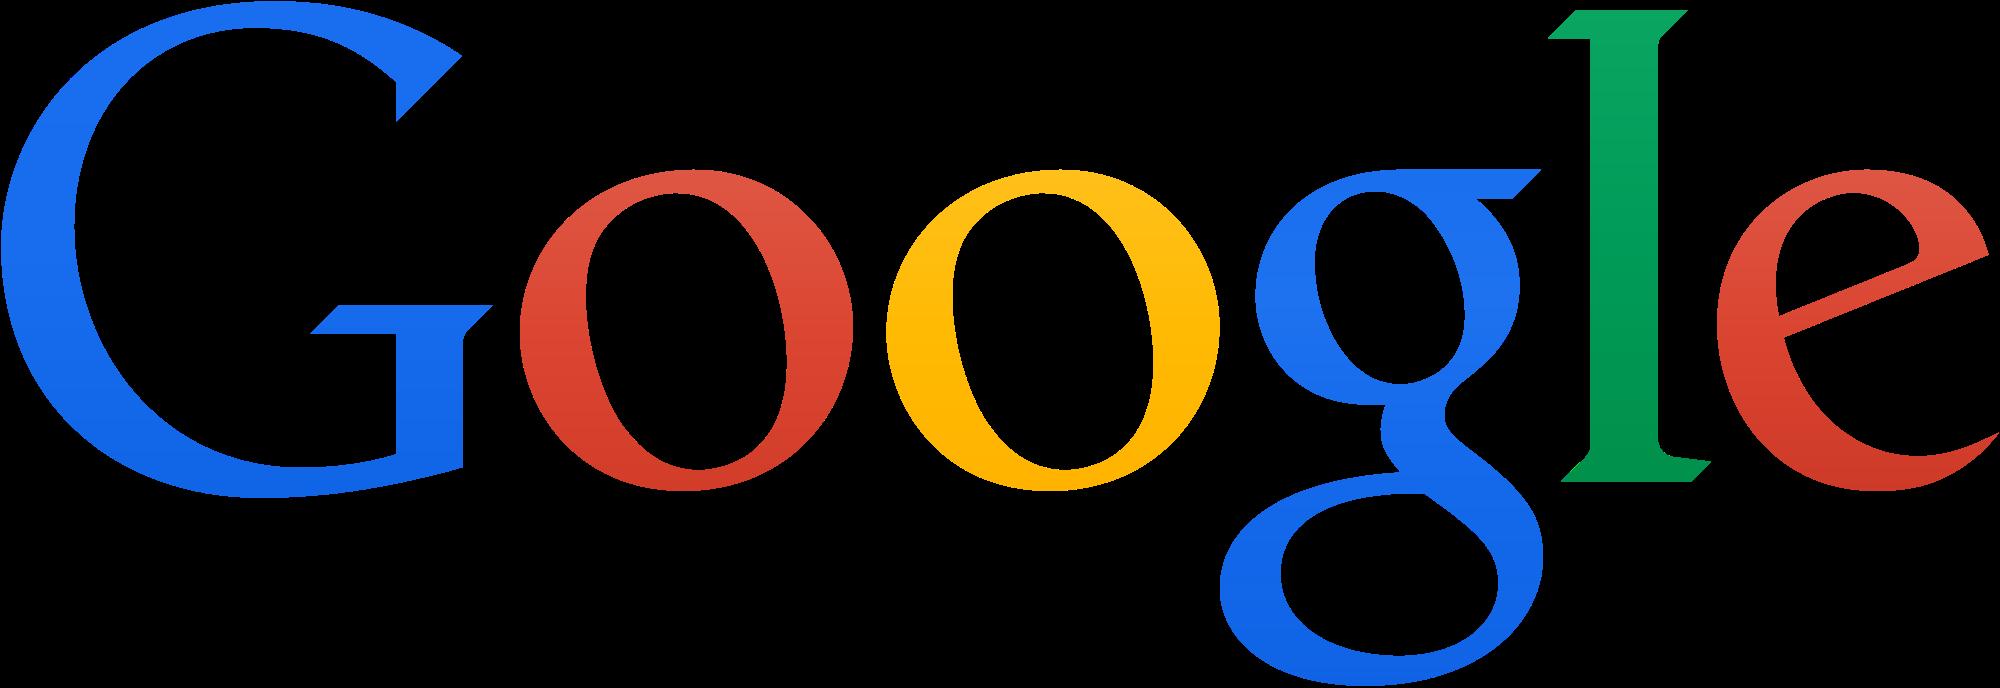 8 cursos de Google